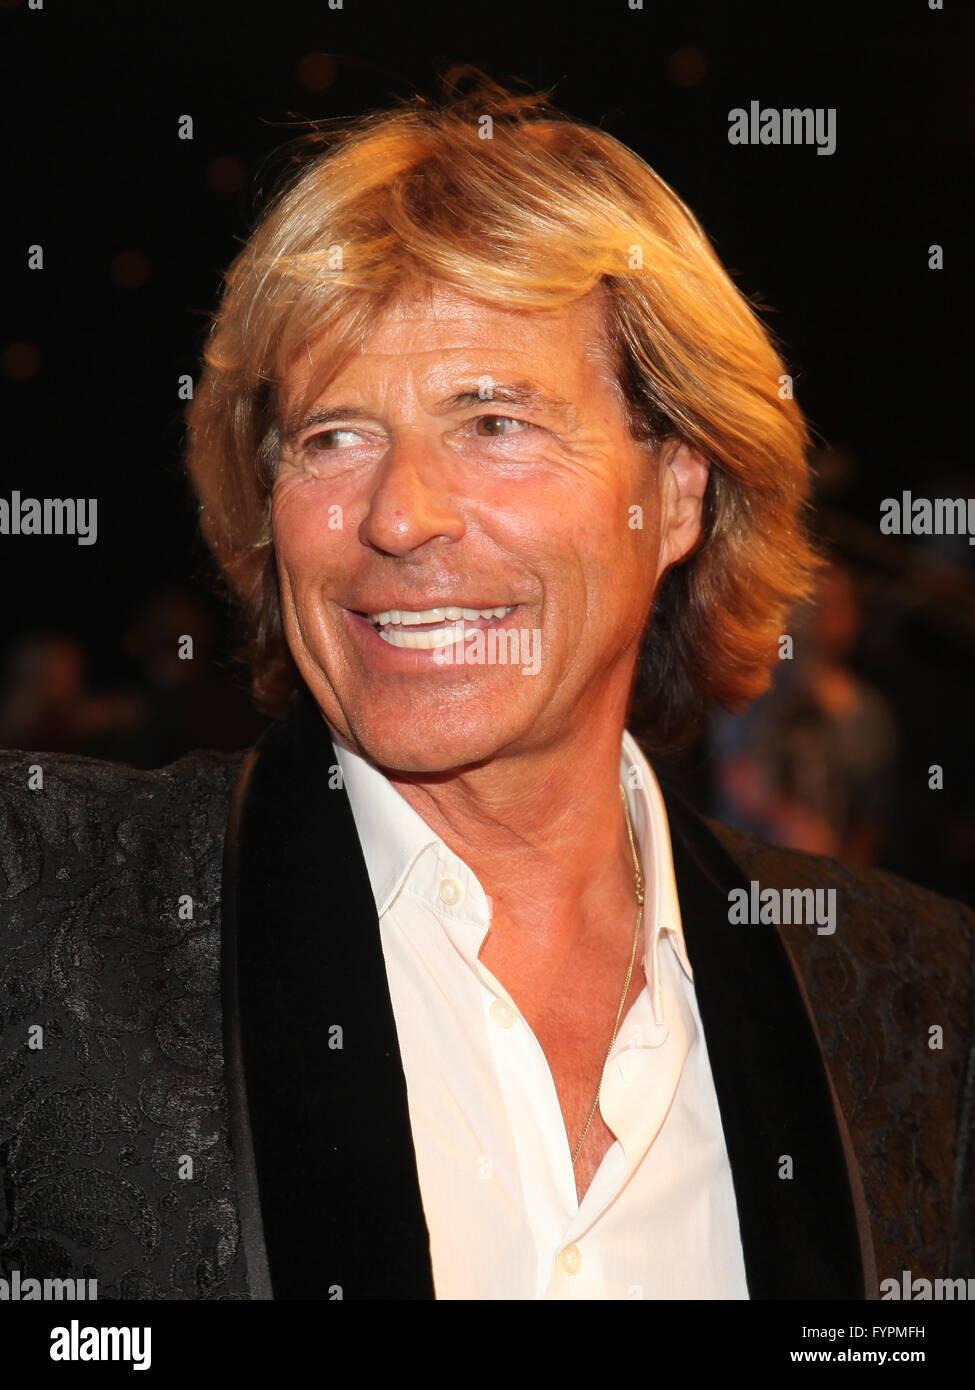 Hinterseer Berlin singer hansi hinterseer stock photo royalty free image 103146613